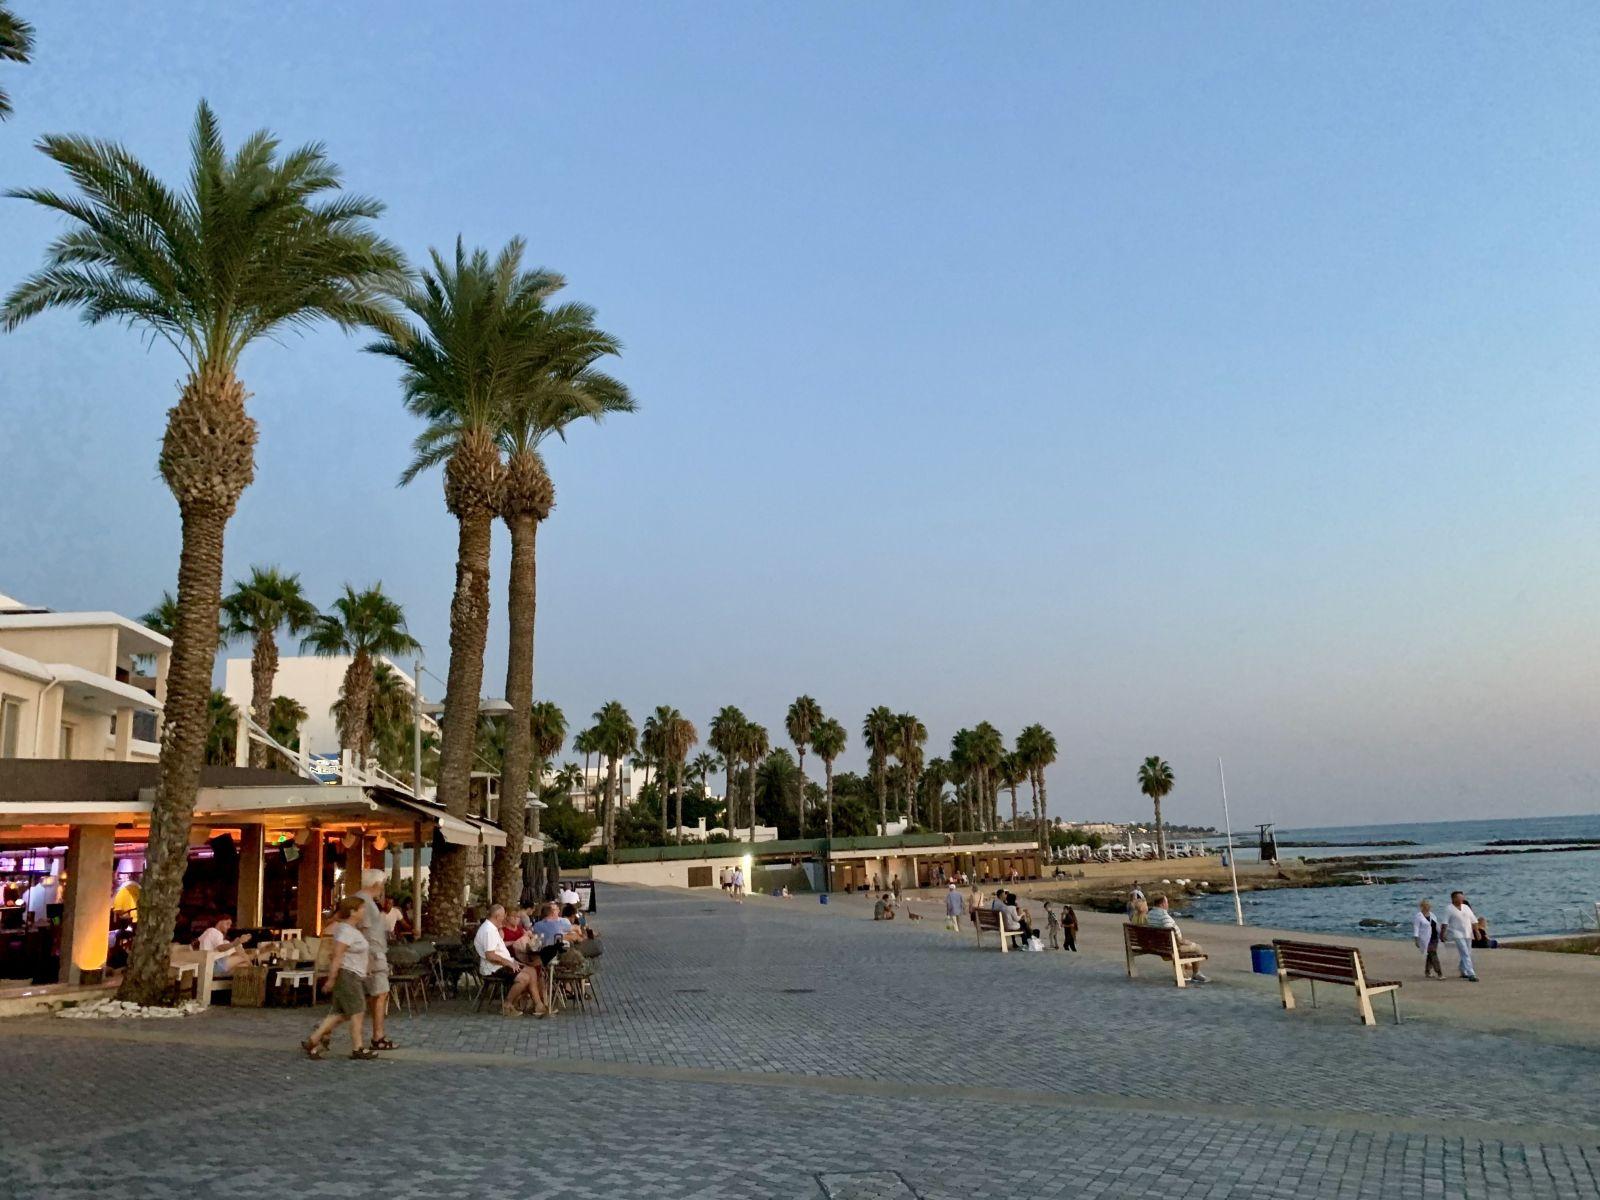 Na Cypre môžete ľahko dostať po papuli, stačí keď na nesprávnej strane začnete hovoriť nesprávnym jazykom